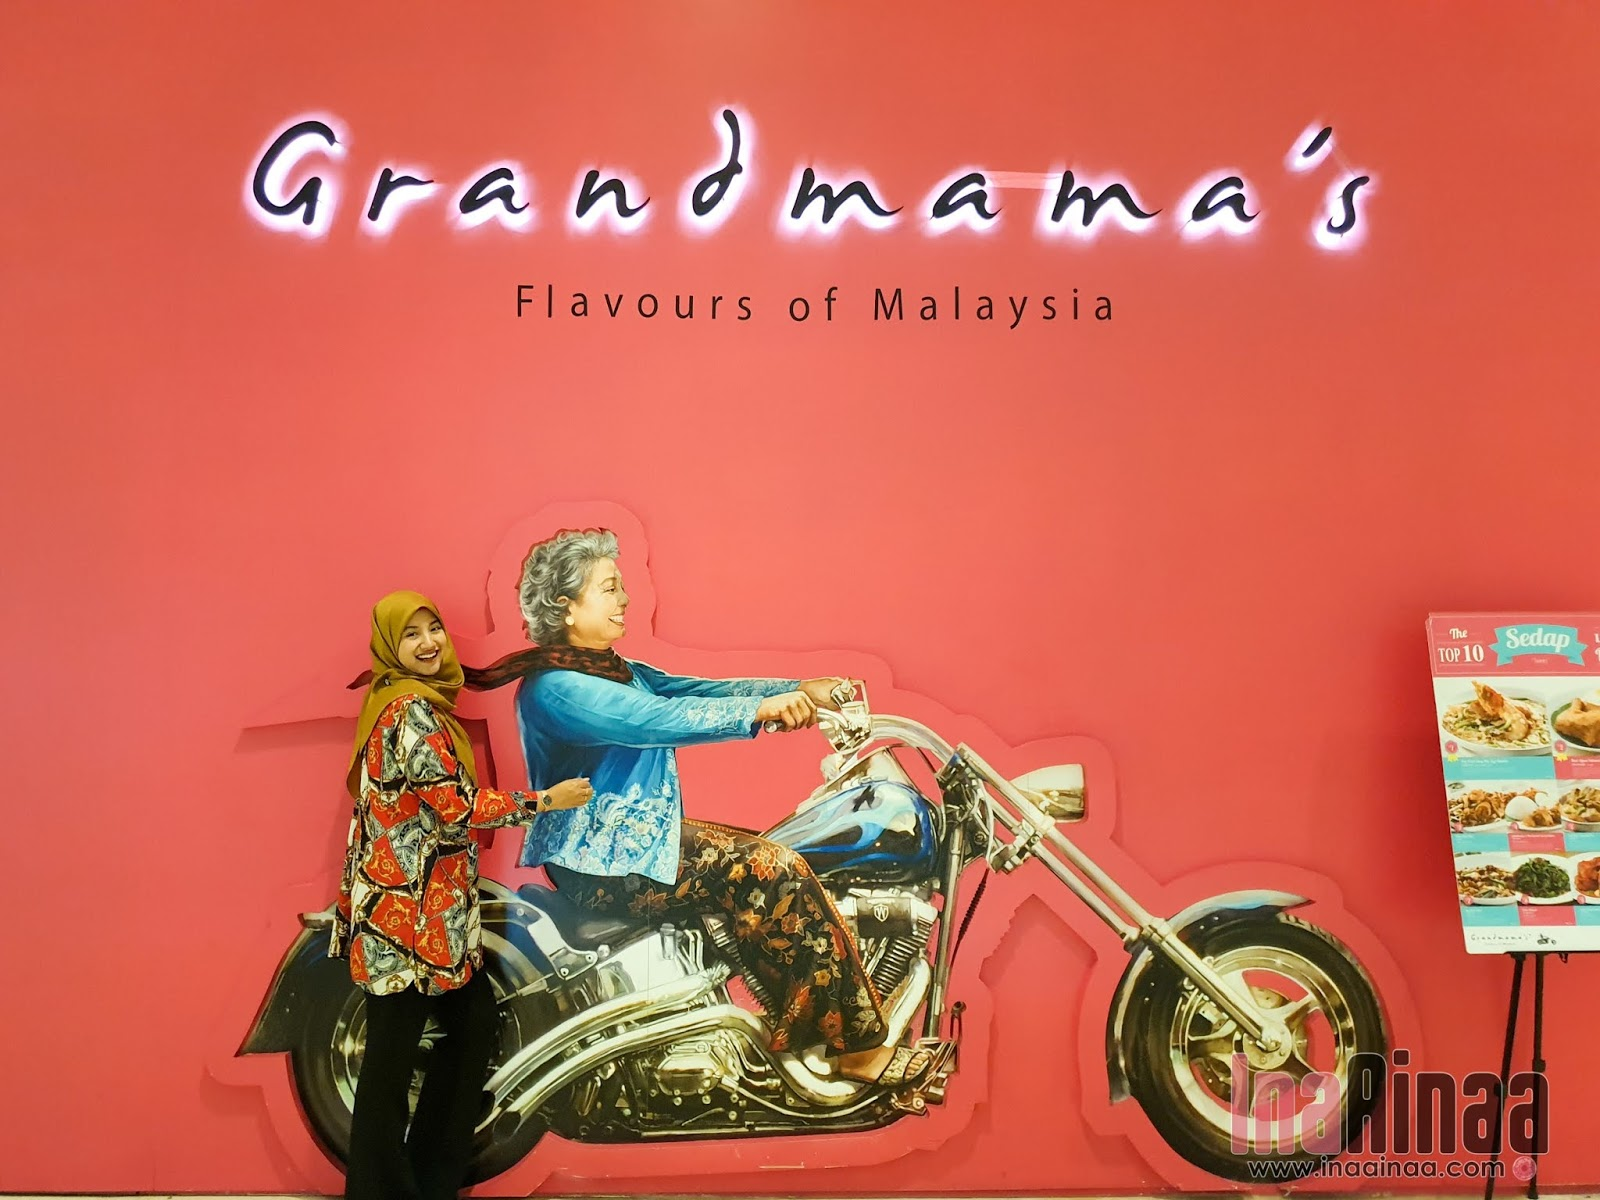 Santapan Bersama Grandmama's - Hak Milik Ina Ainaa